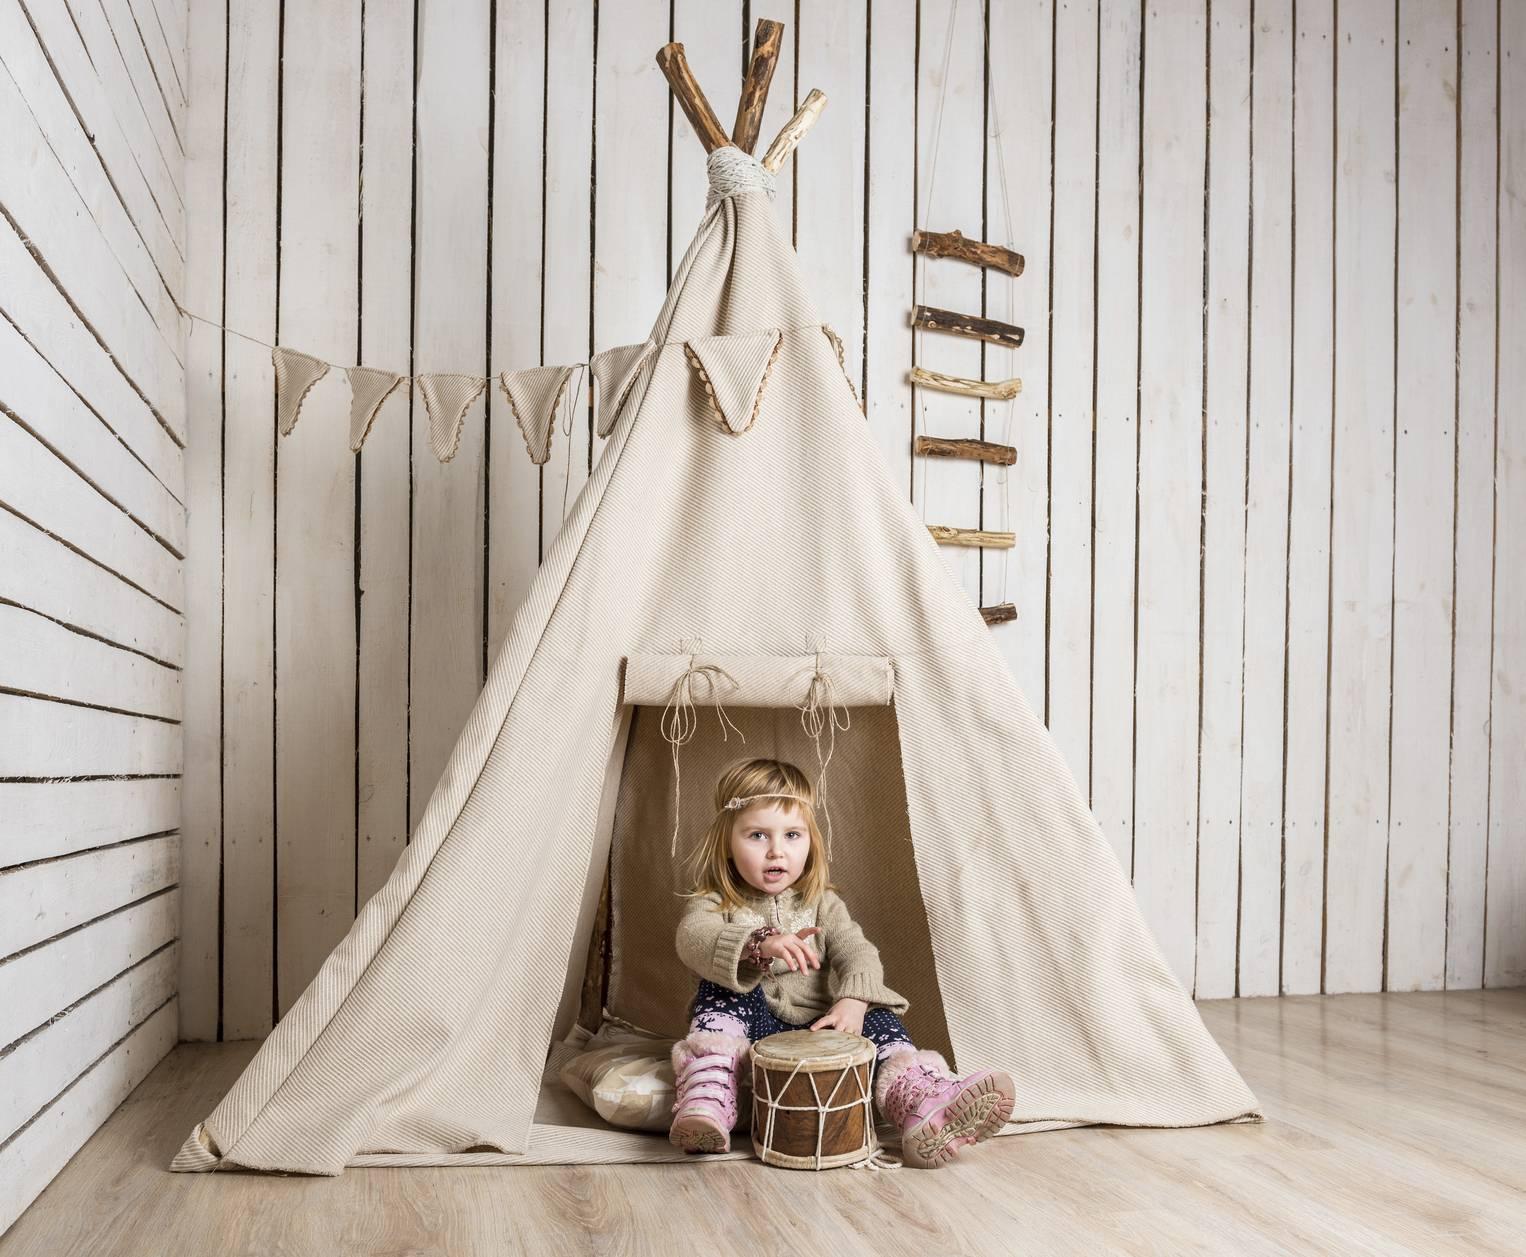 comment fabriquer une tente de jeux int rieure pour vos enfants. Black Bedroom Furniture Sets. Home Design Ideas